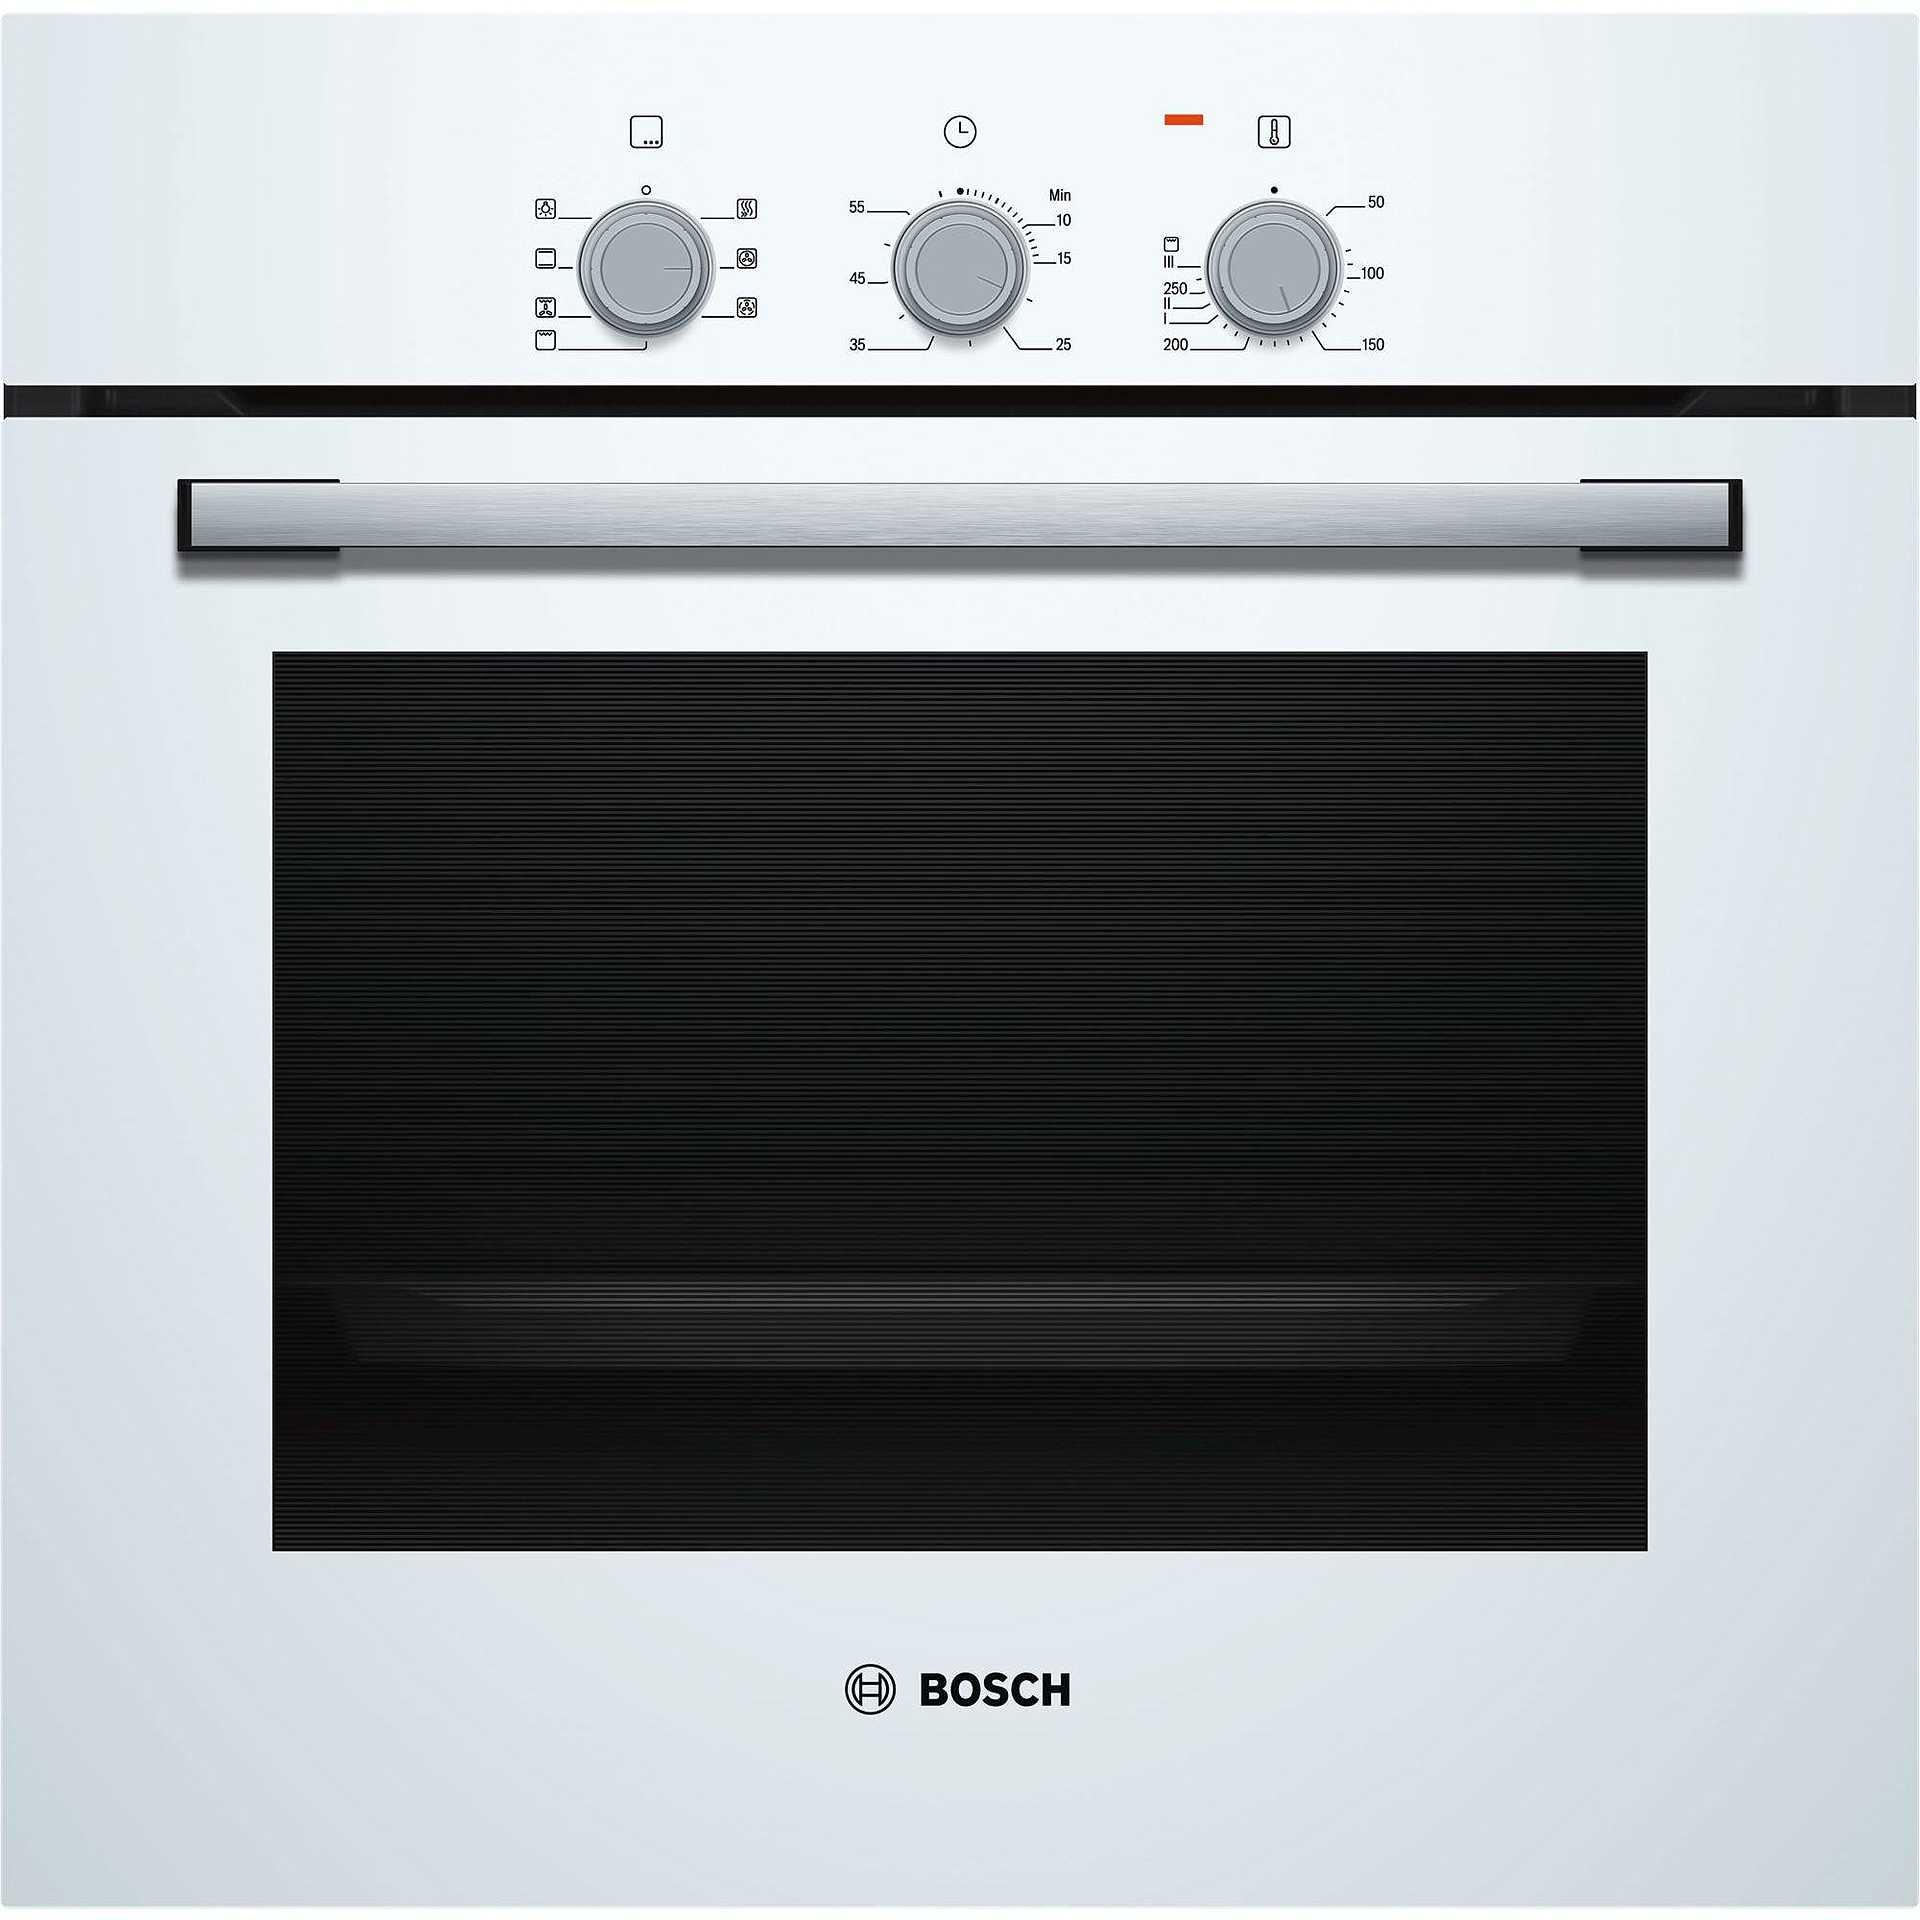 Bosch hbf011bv0j forno elettrico multifunzione da incasso 66 litri classe a colore bianco - Forno da incasso elettrico ...